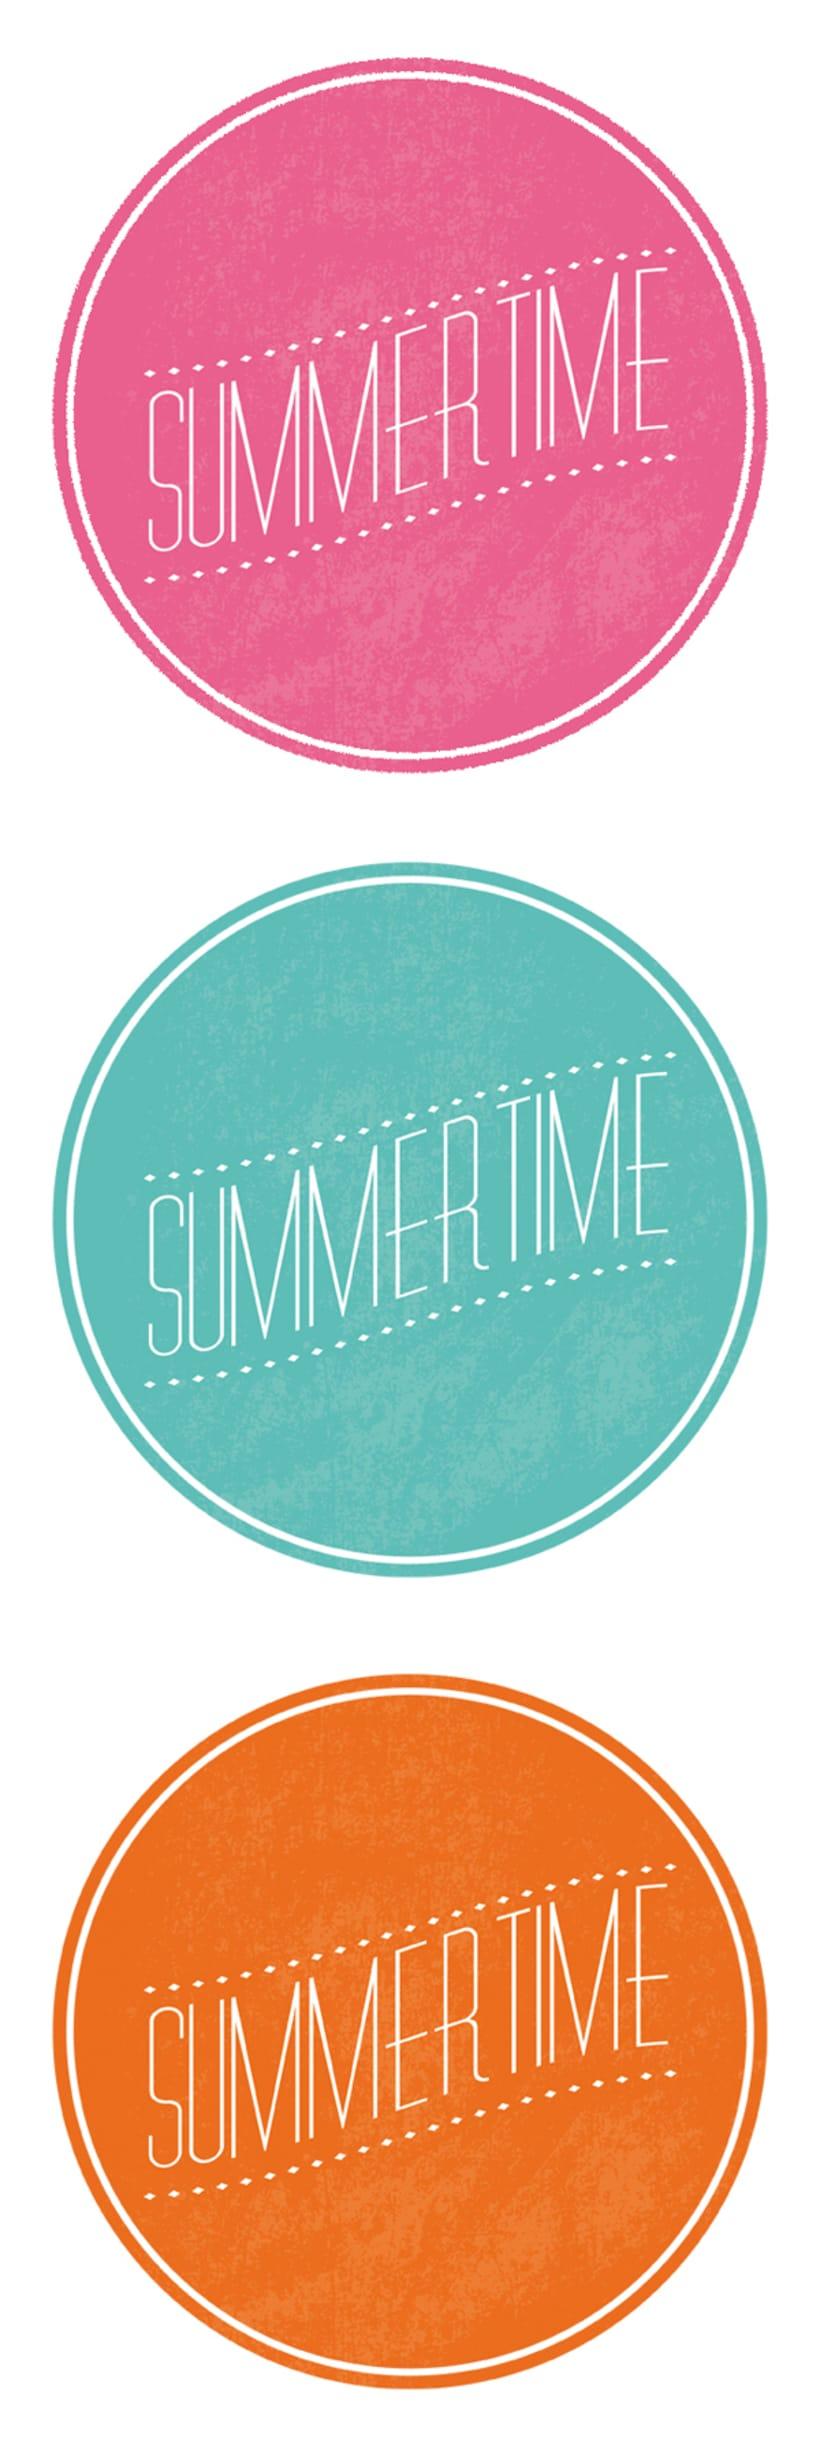 Diseño imagen y portada - Summertime 1